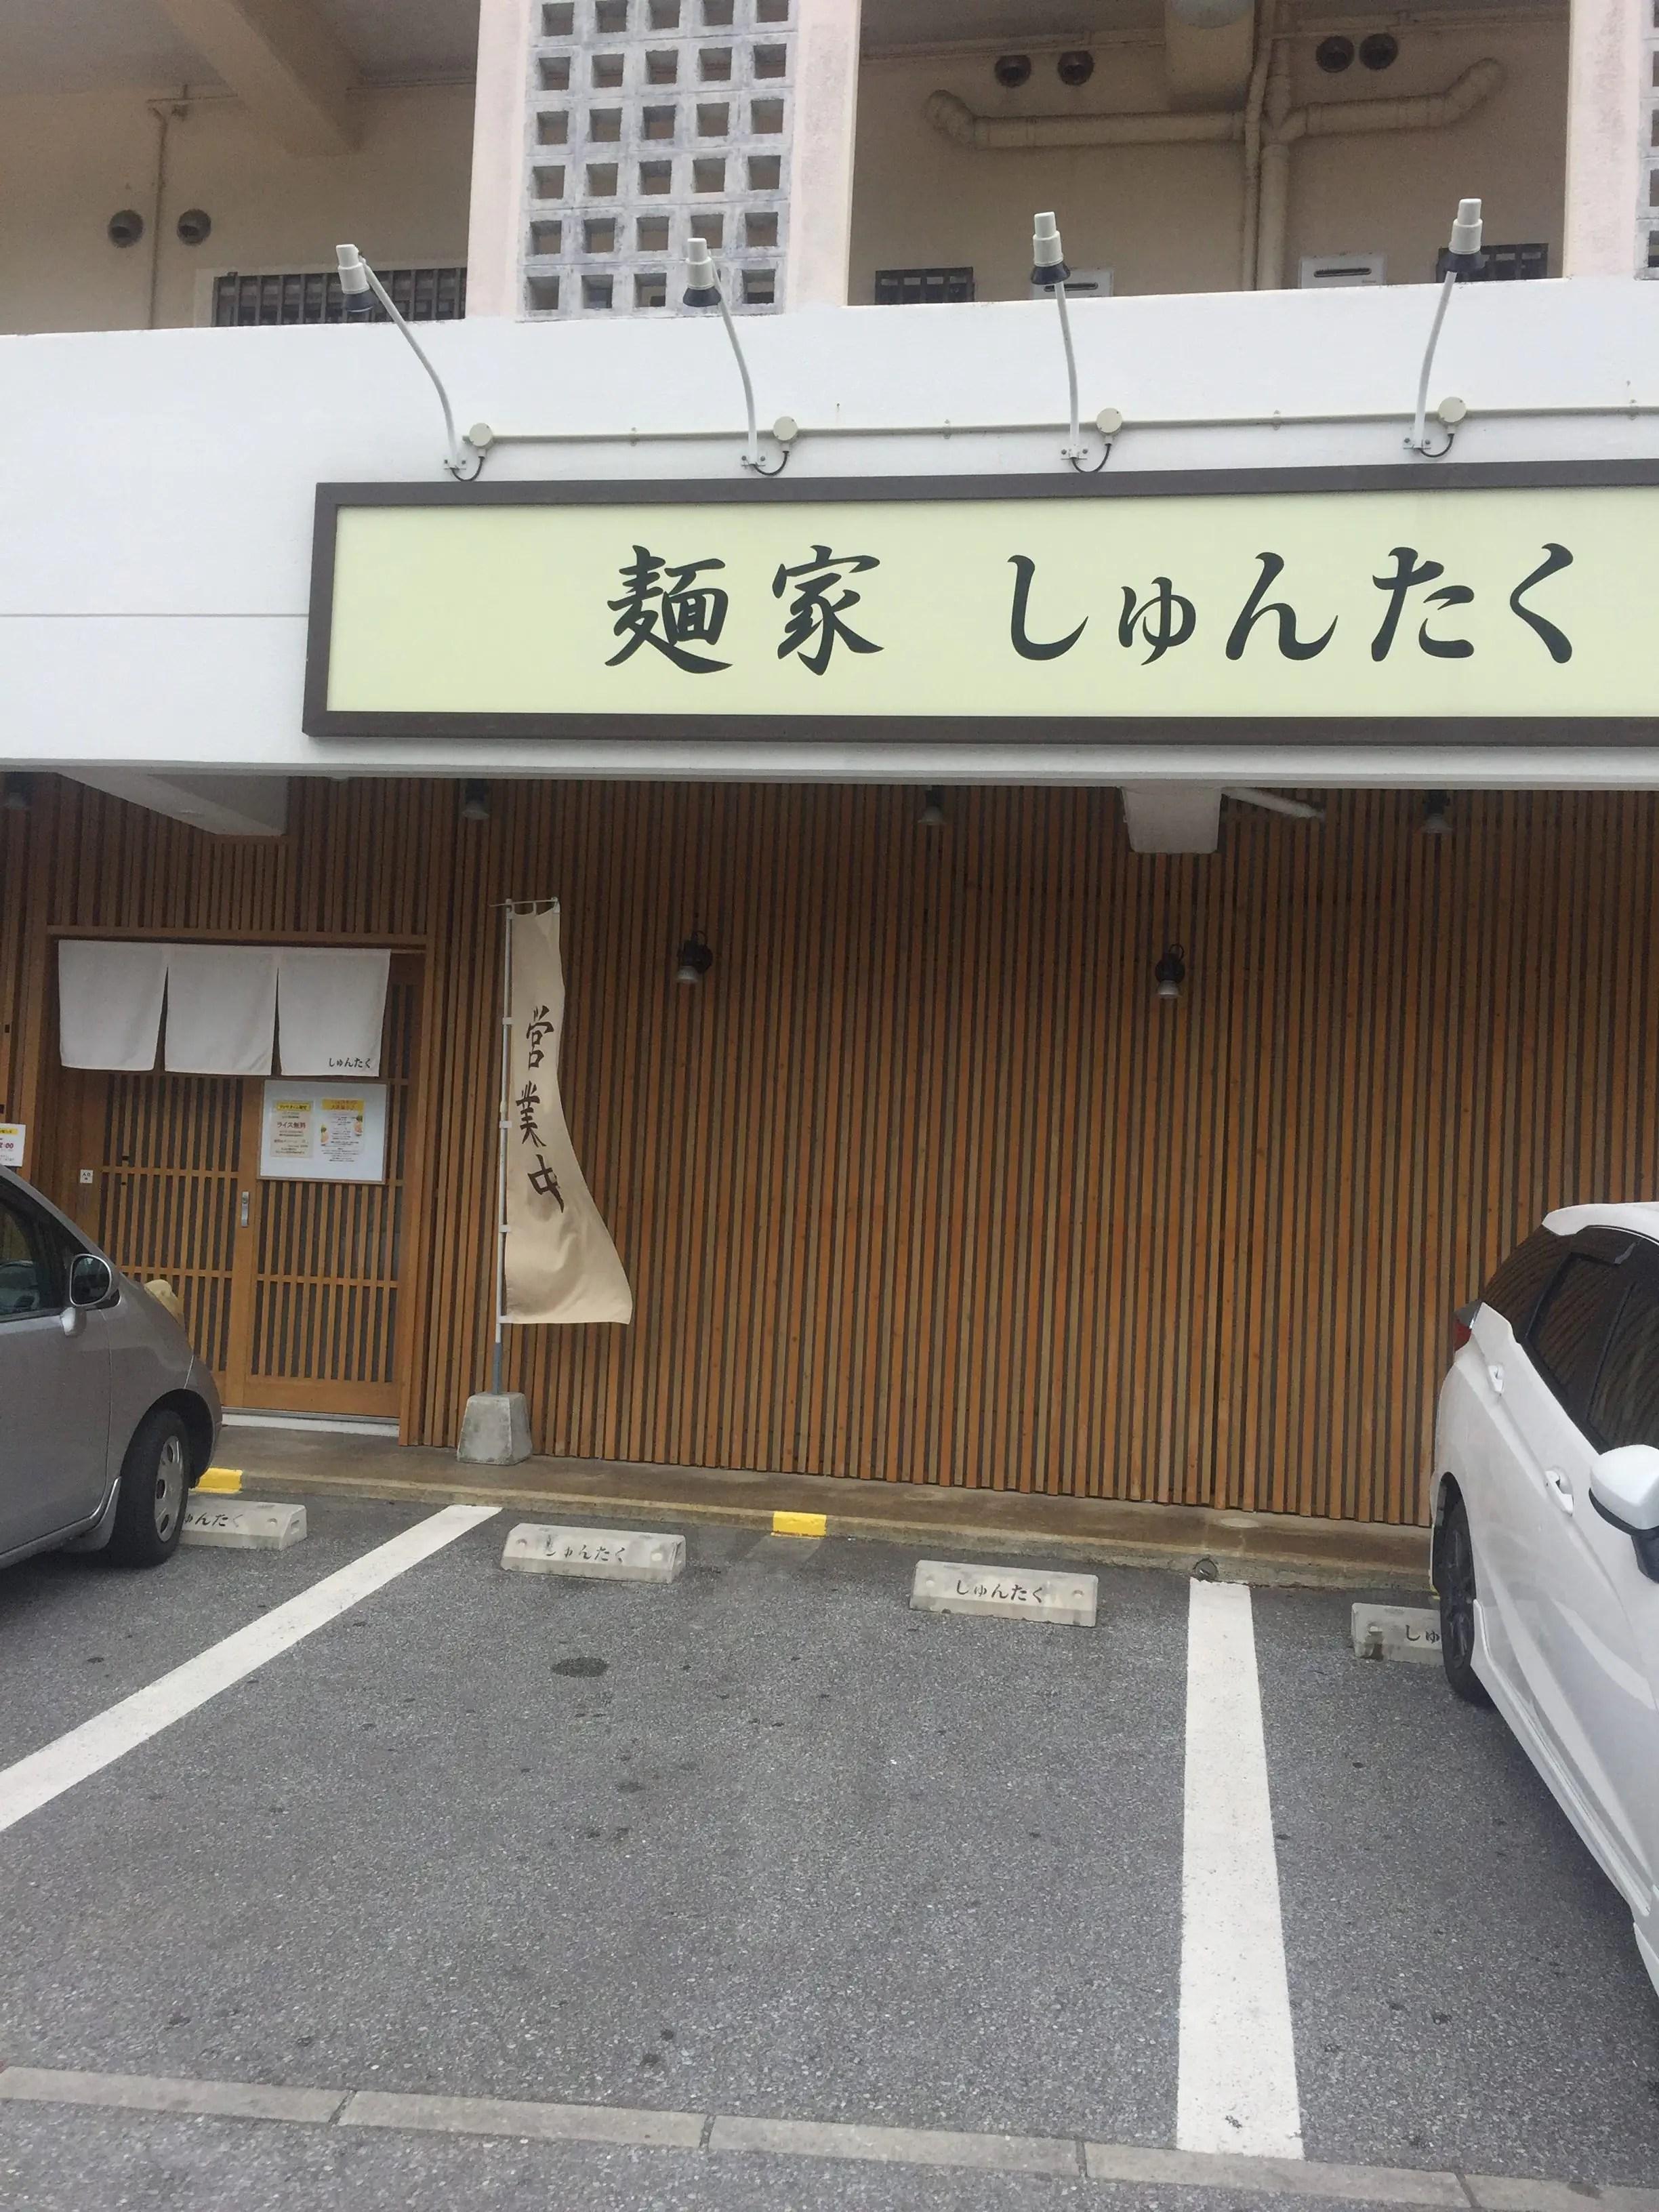 沖縄市「麵屋 しゅんたく」で塩ラーメン食べてきました。